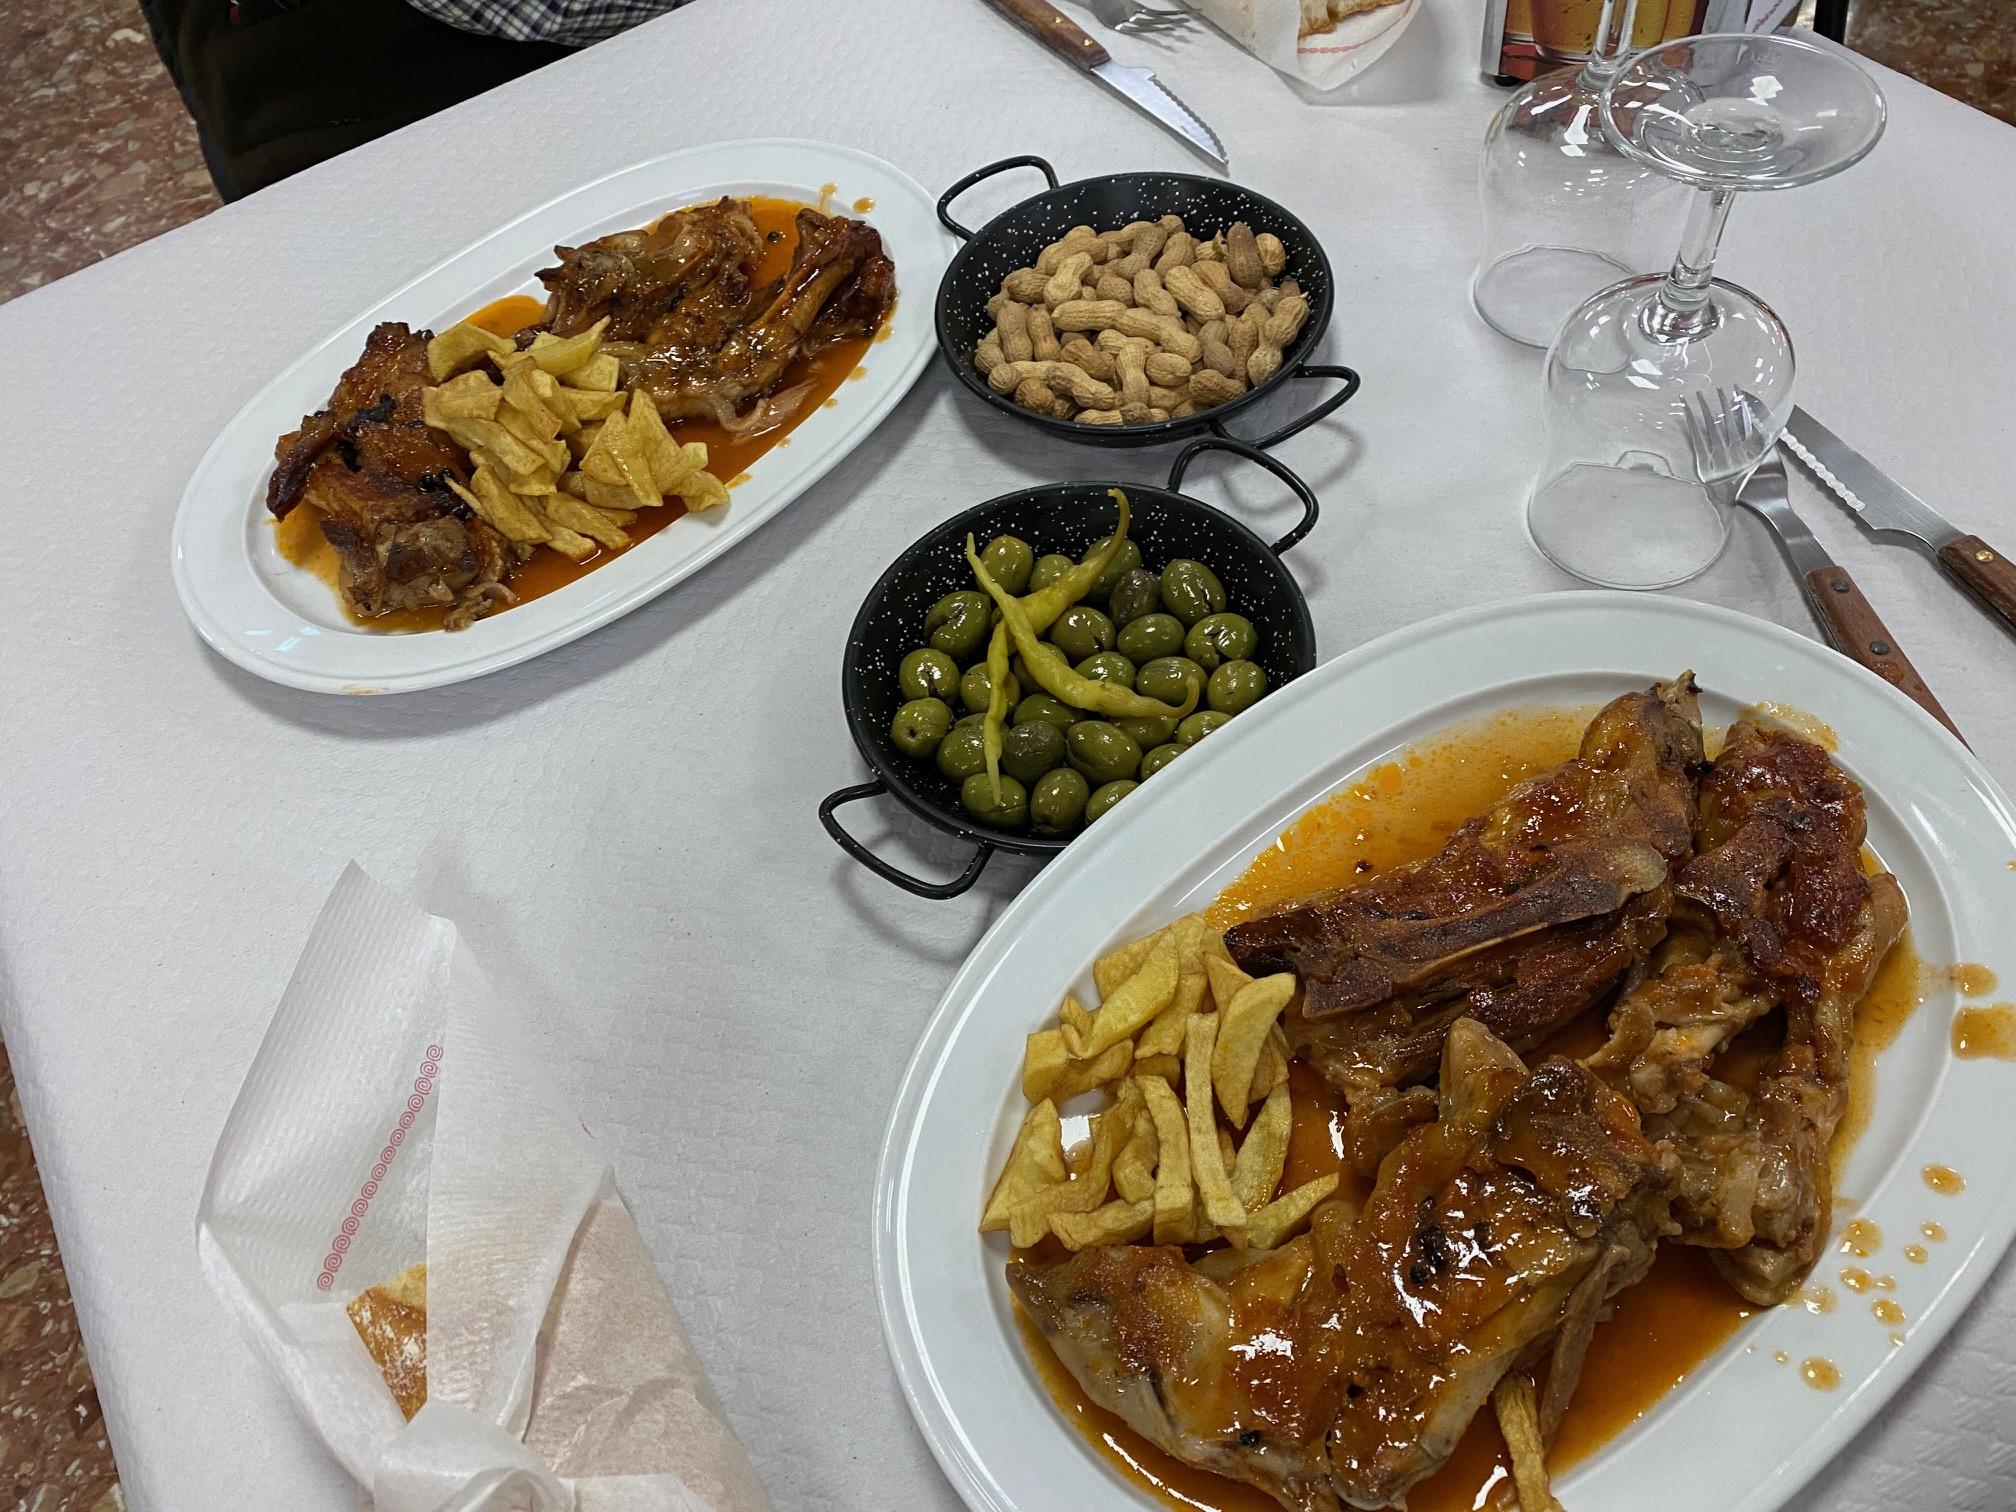 La especialidad de Manitas de cerdo. Bar Manolo y Boro, Alaquas